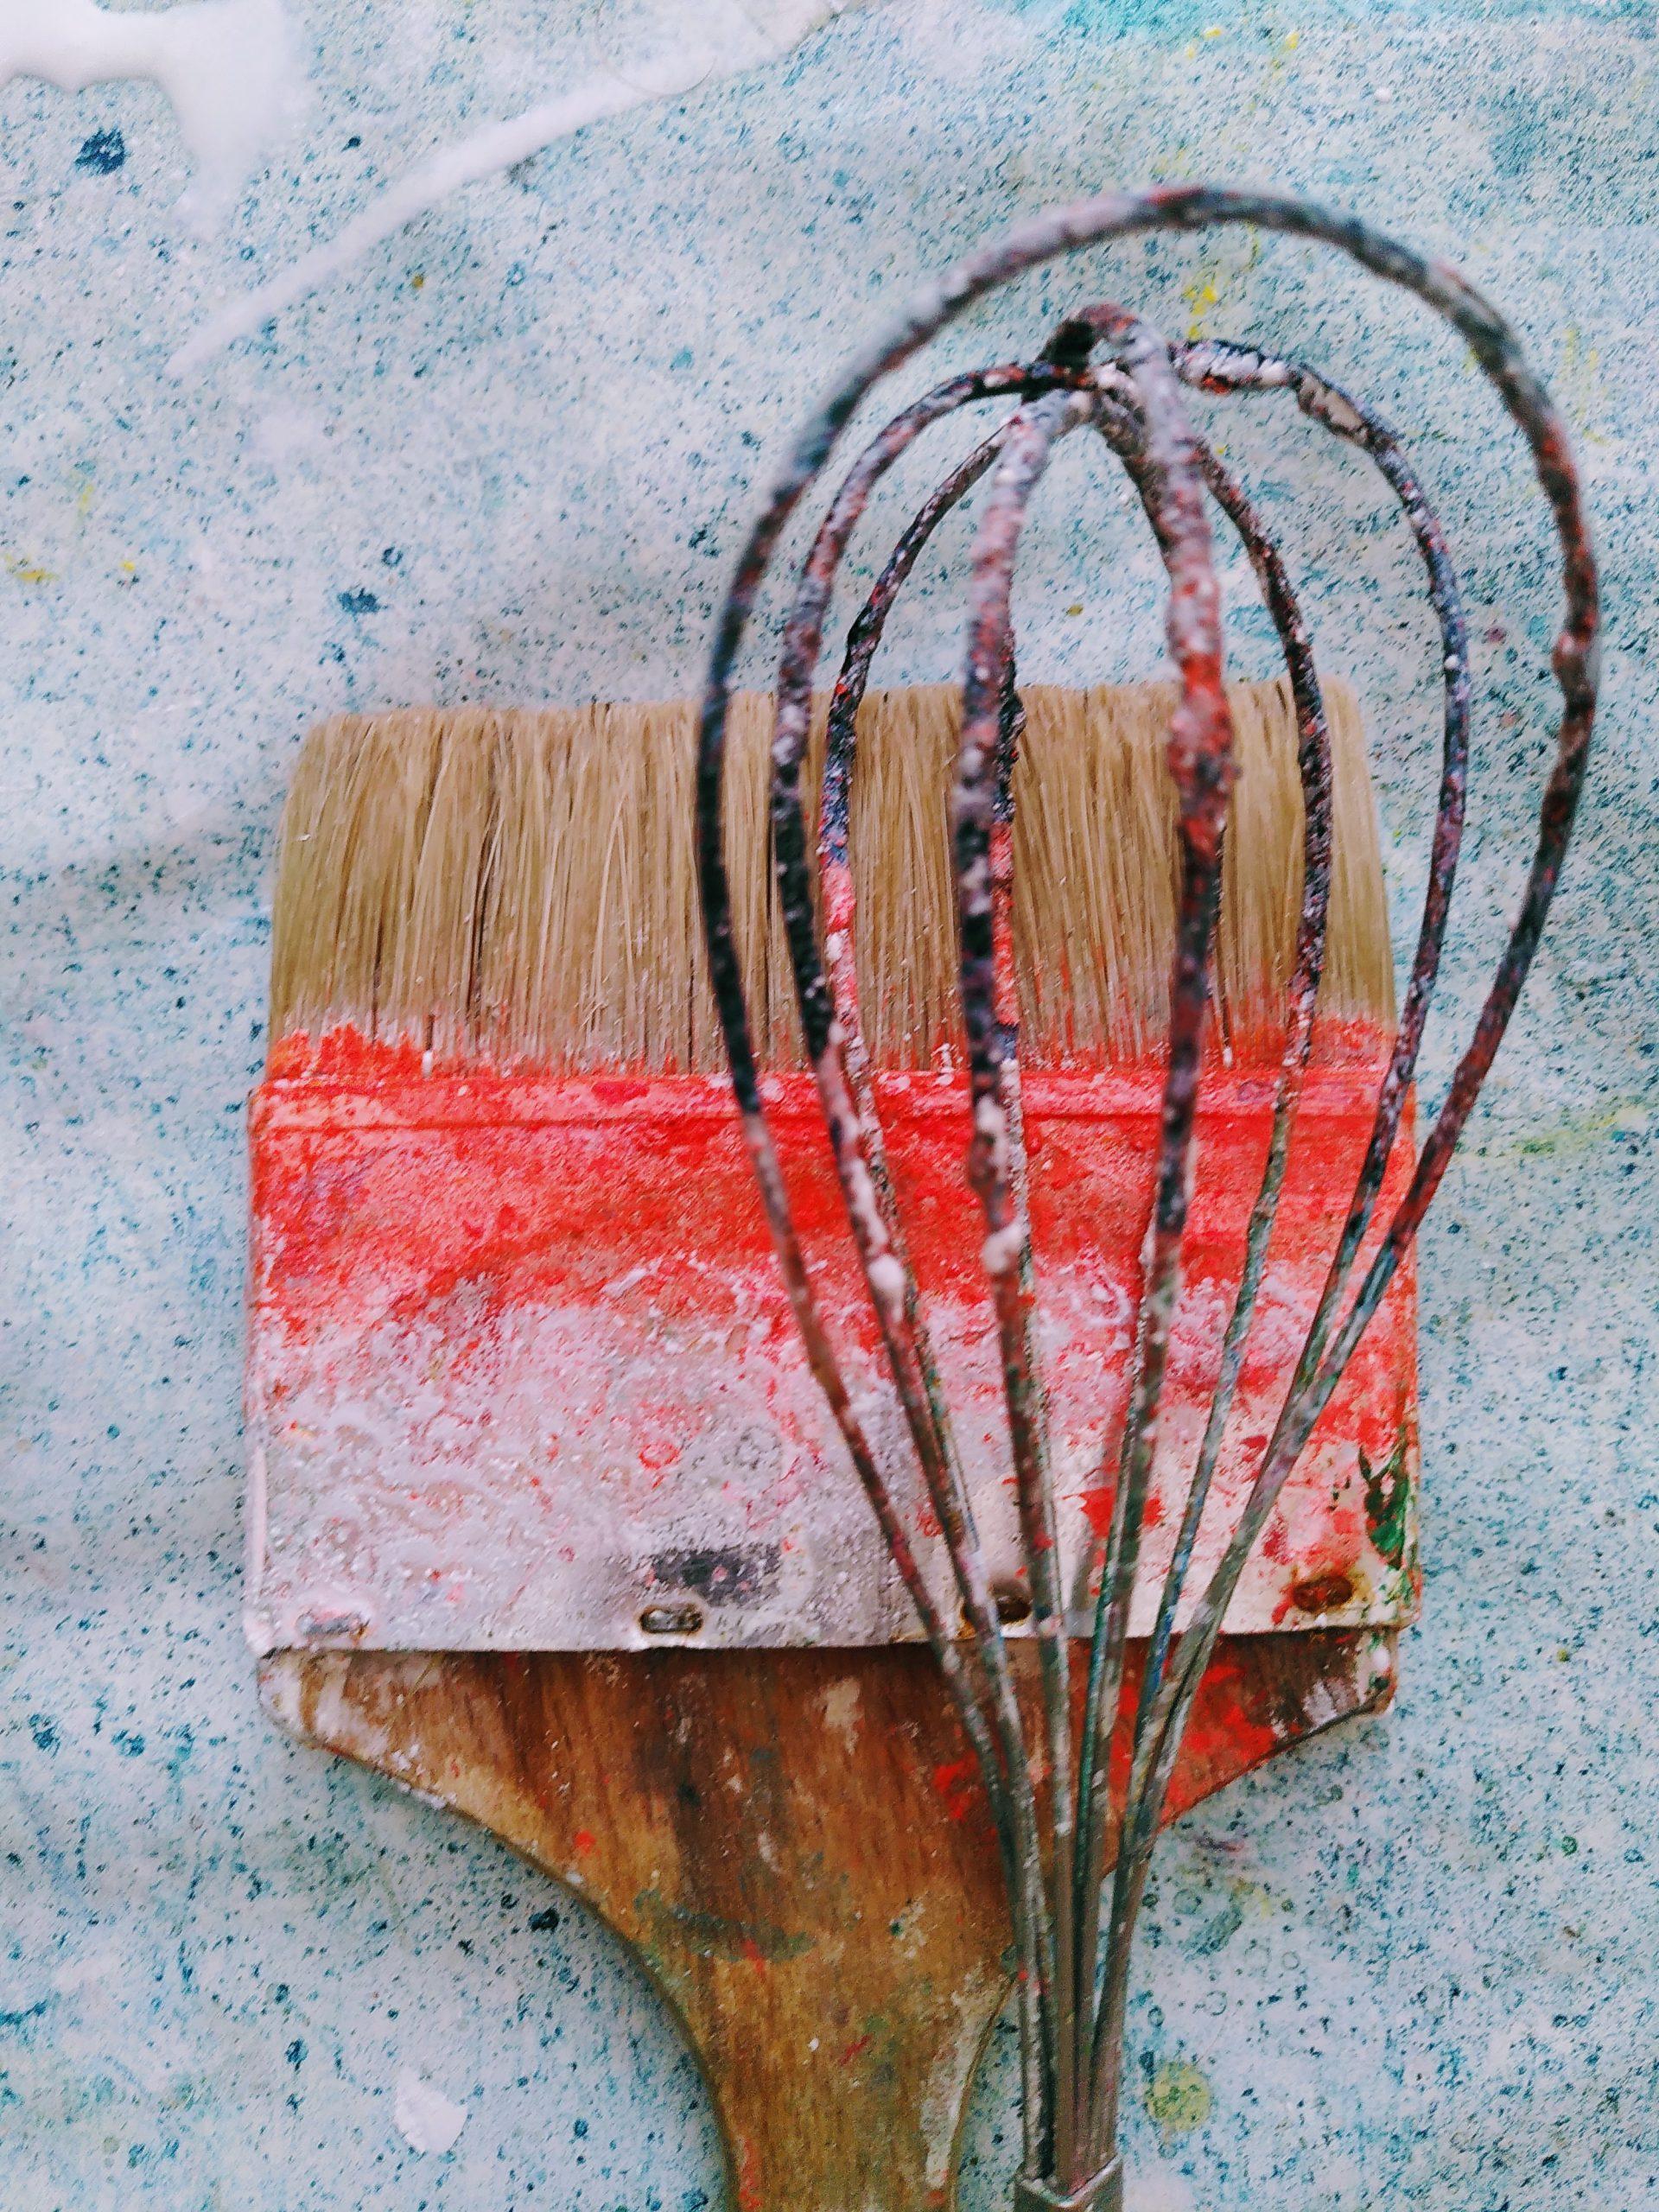 Pinsel und Rührbesen mit Farbspuren auf Atelierboden